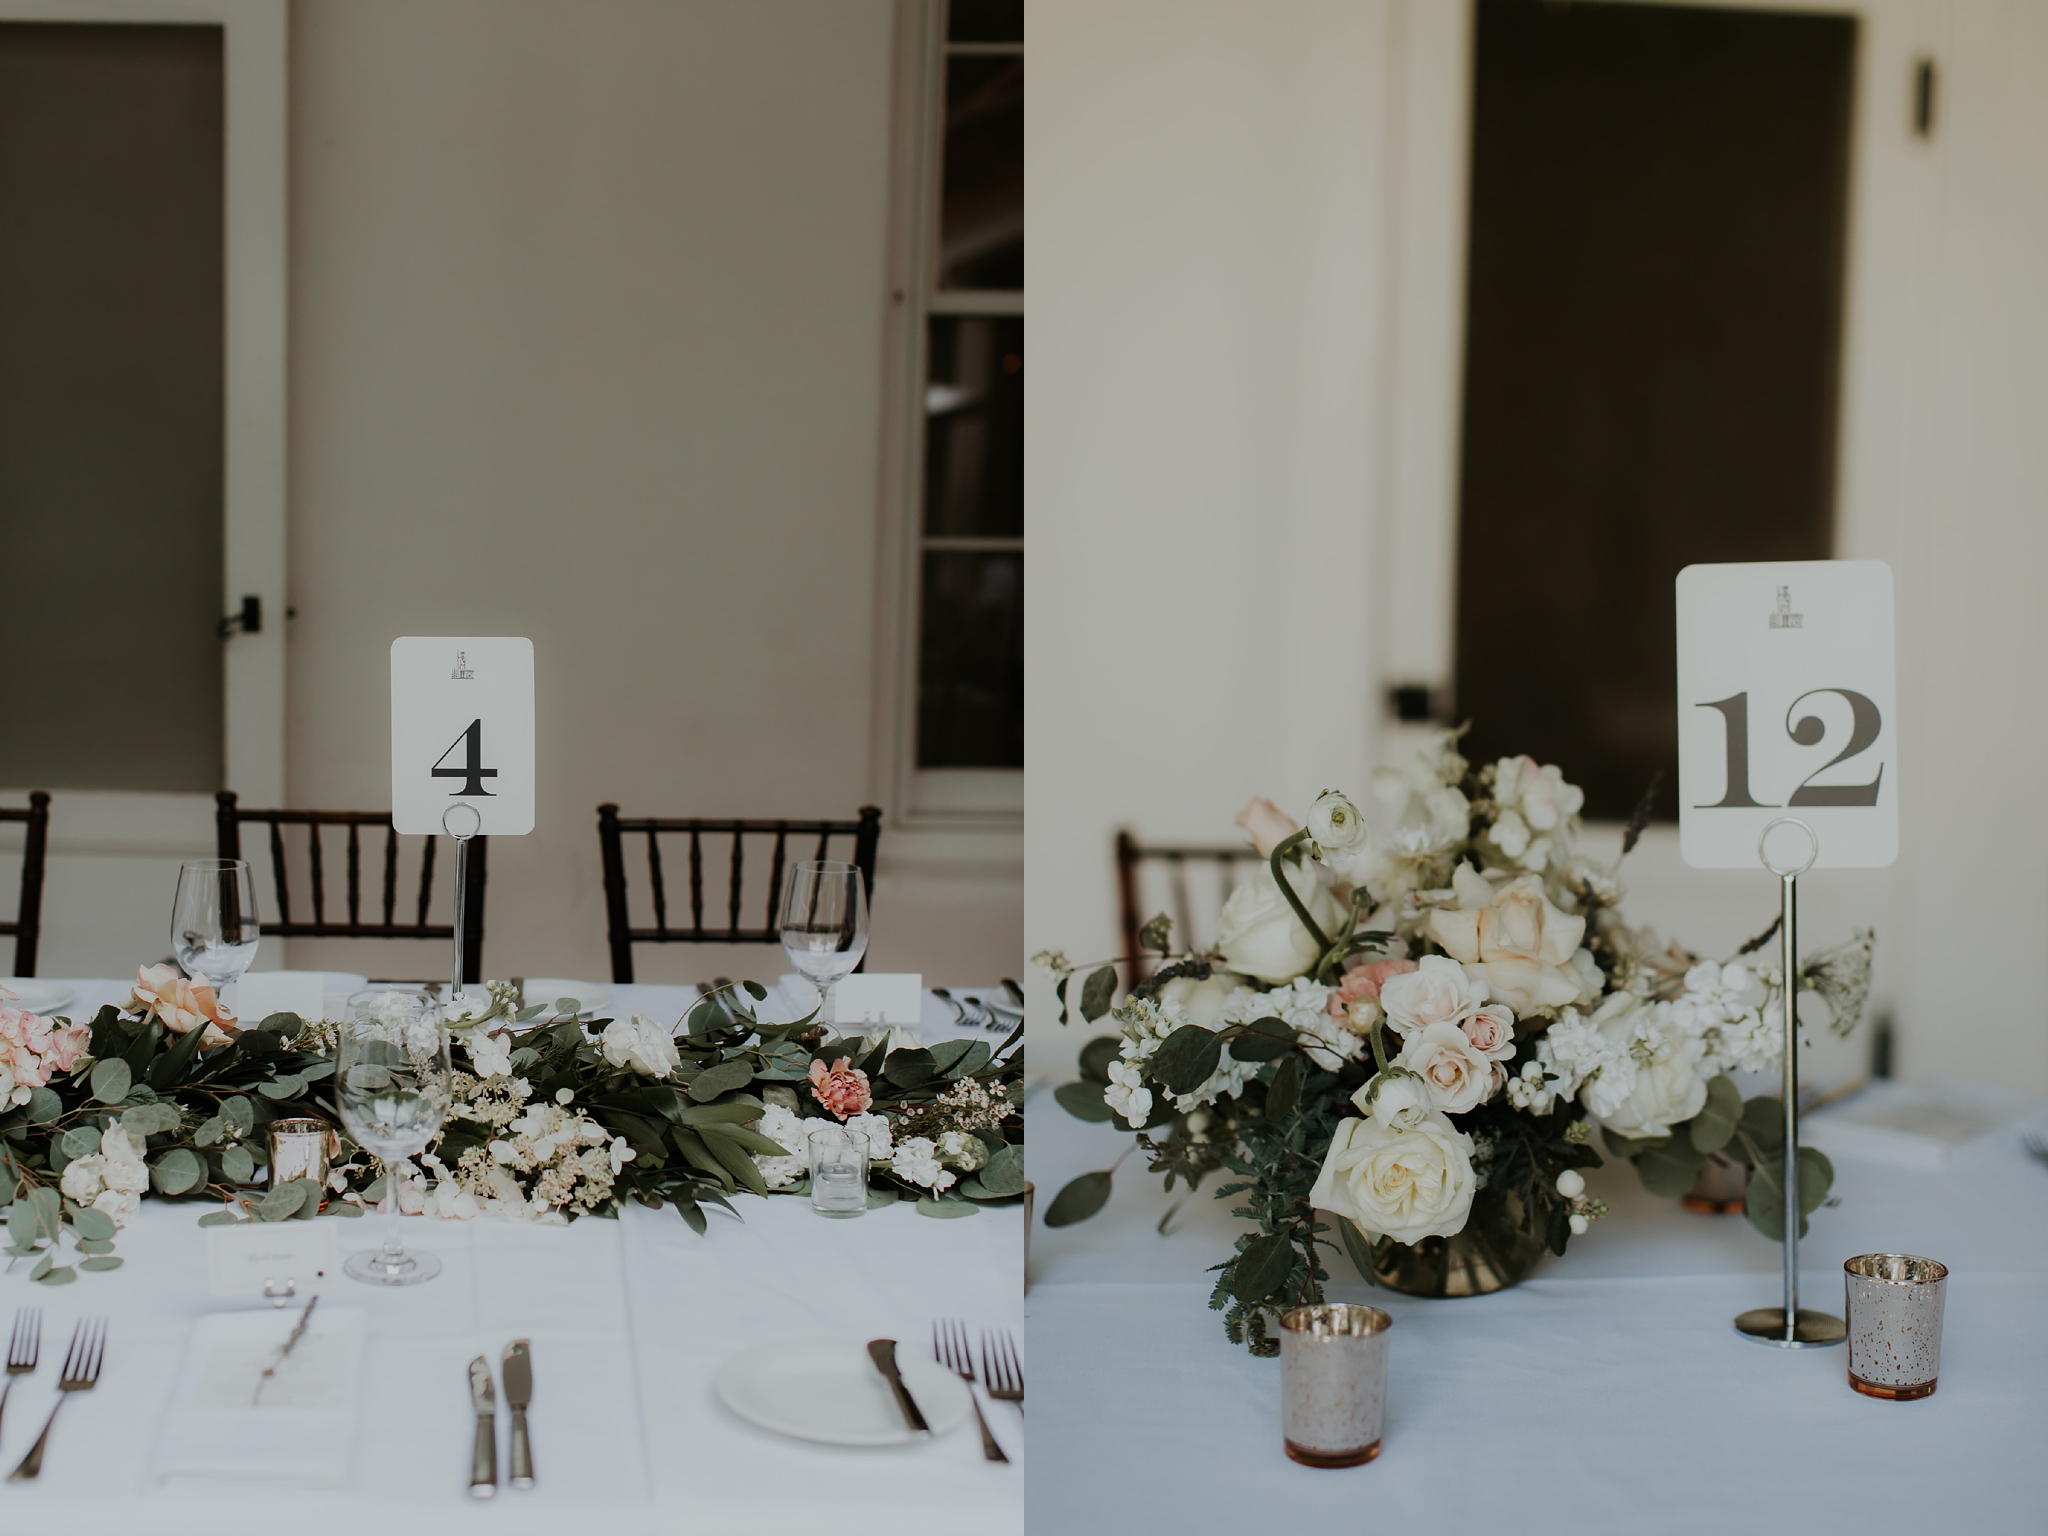 Alicia+lucia+photography+-+albuquerque+wedding+photographer+-+santa+fe+wedding+photography+-+new+mexico+wedding+photographer+-+new+mexico+florist+-+wedding+florist+-+renegade+floral_0074.jpg